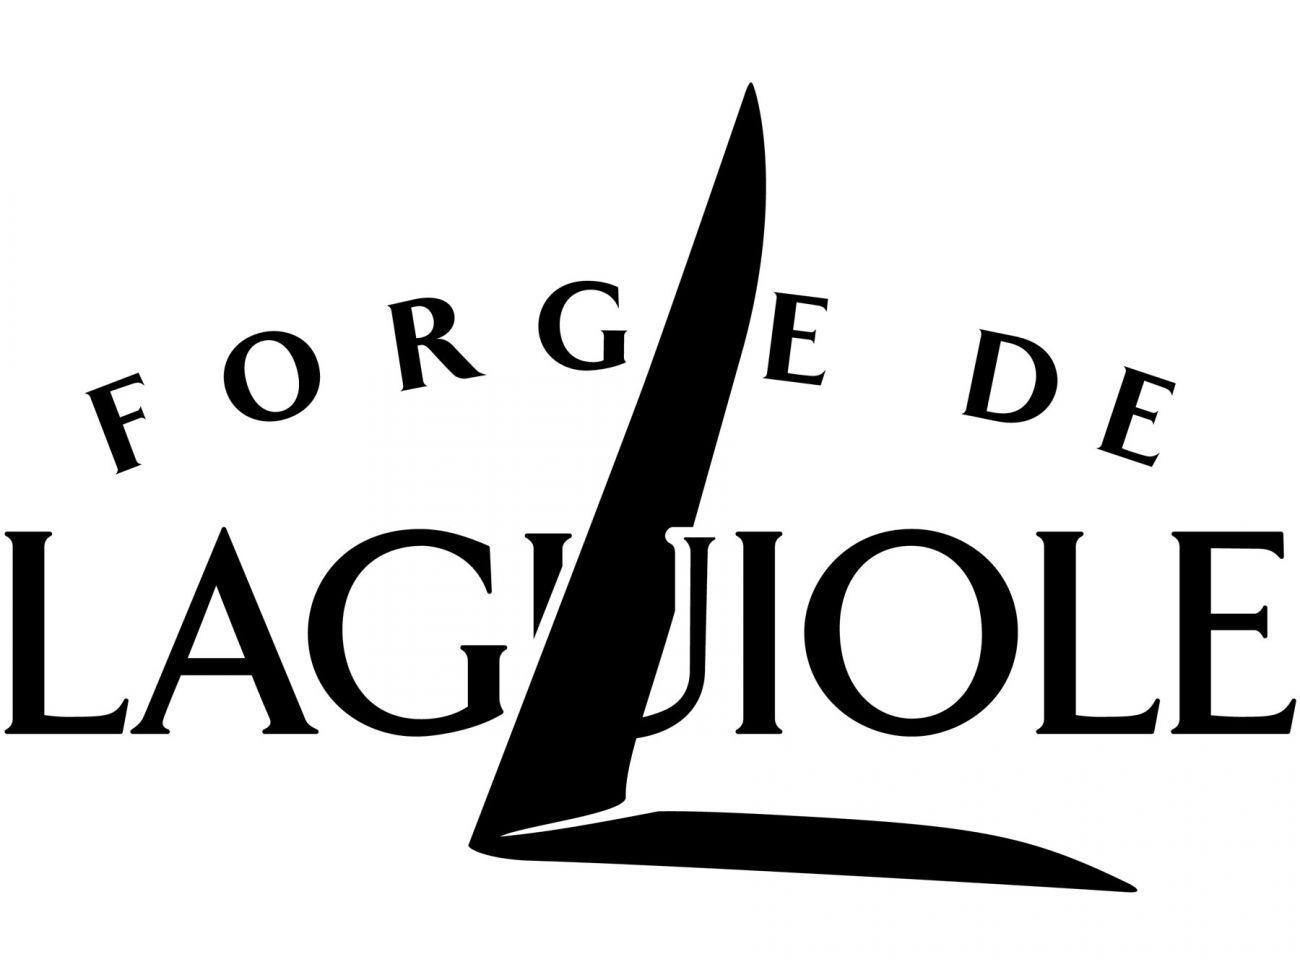 Forge de Laguiole Coltellino 11 cm Corno Corno Corno Nero Marronee Scuro + più vivace 99382f